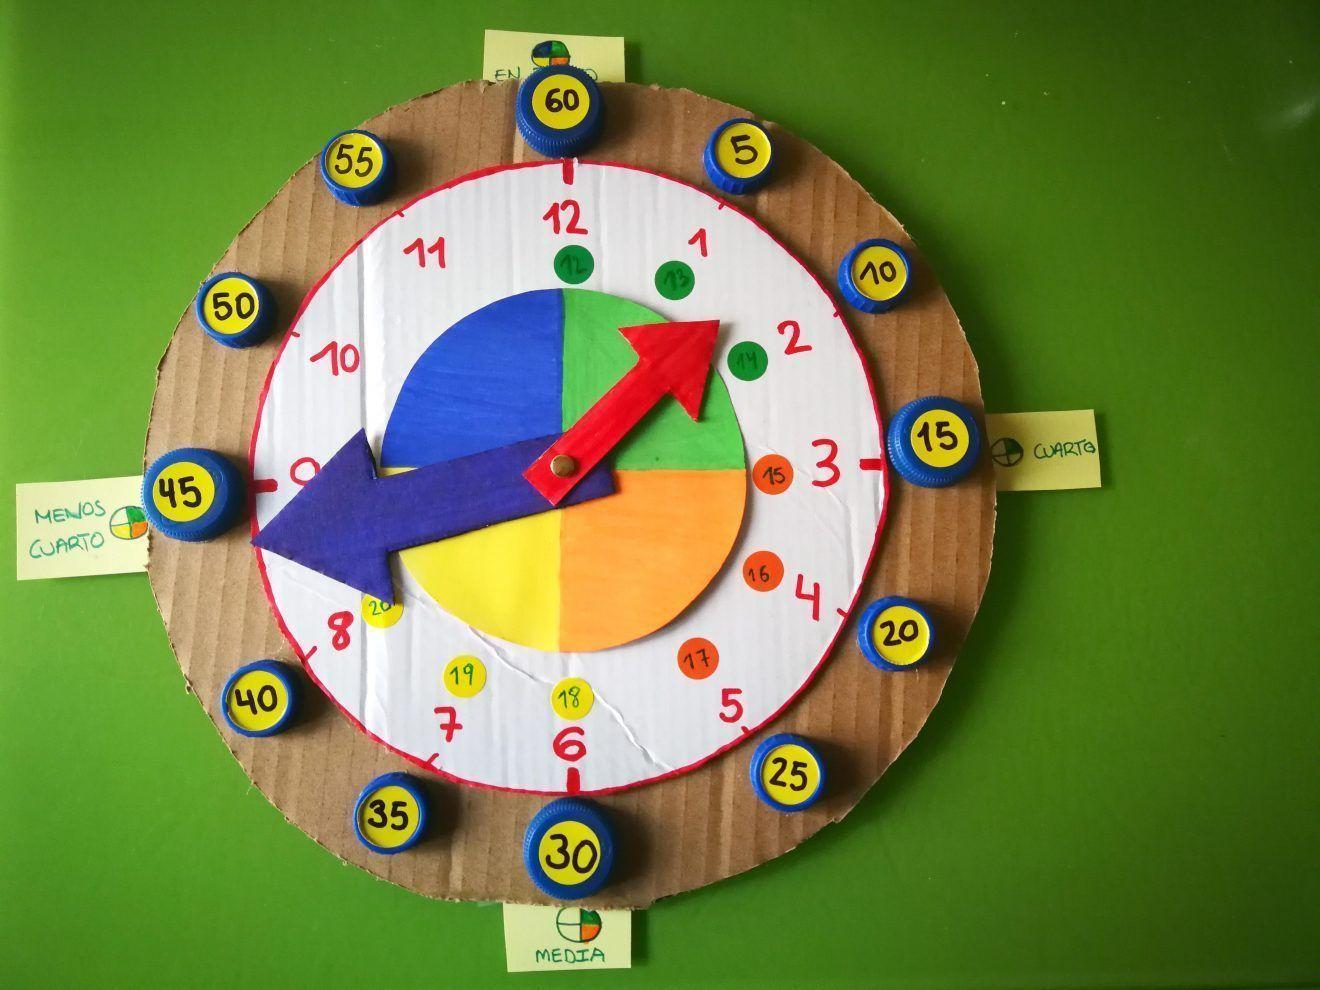 Reloj Para Aprender Las Horas Los Inventos De Mamá En 2020 Aprender La Hora Inventos Para Niños Reloj Para Niños